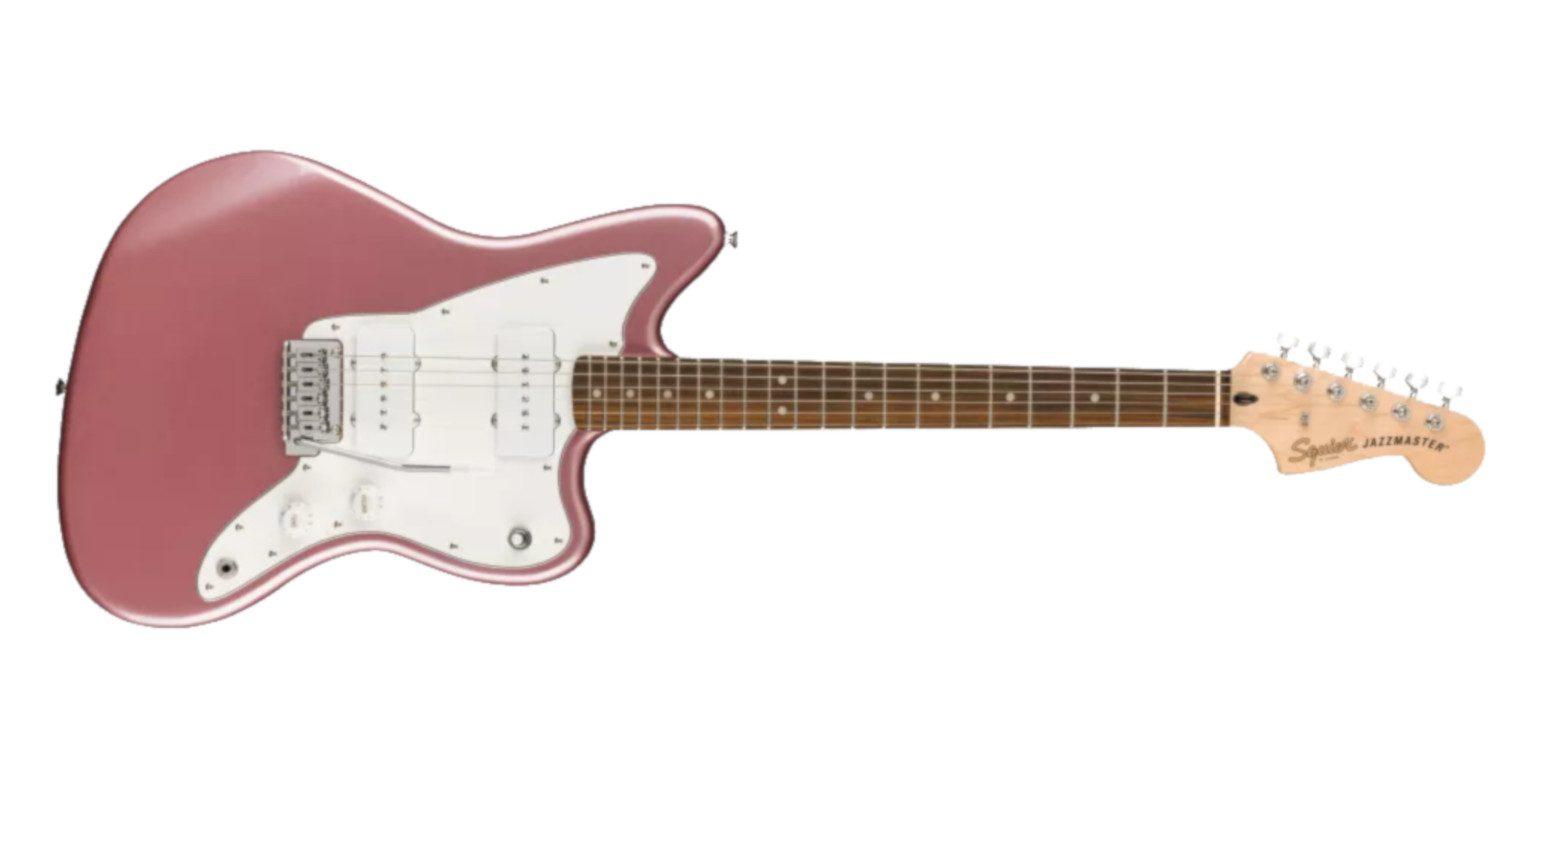 Fender Squier Affinity Jazzmaster Burgundy 2021